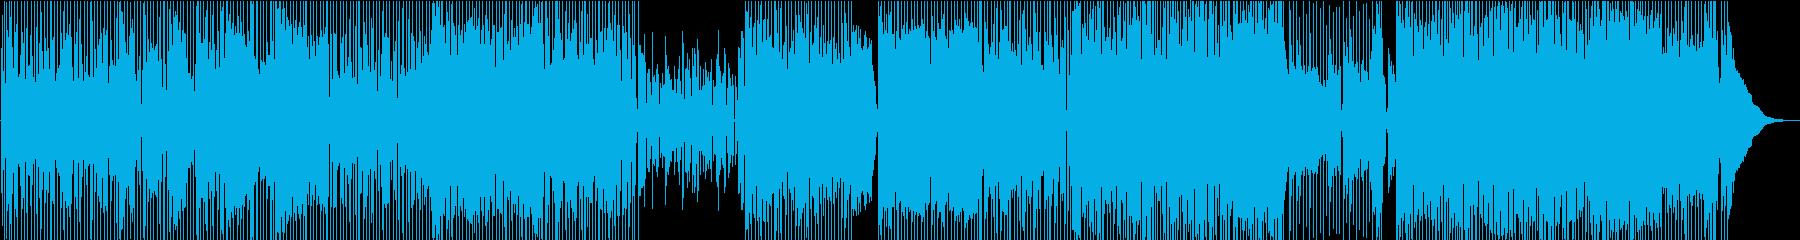 ATO NO MATSURIの再生済みの波形